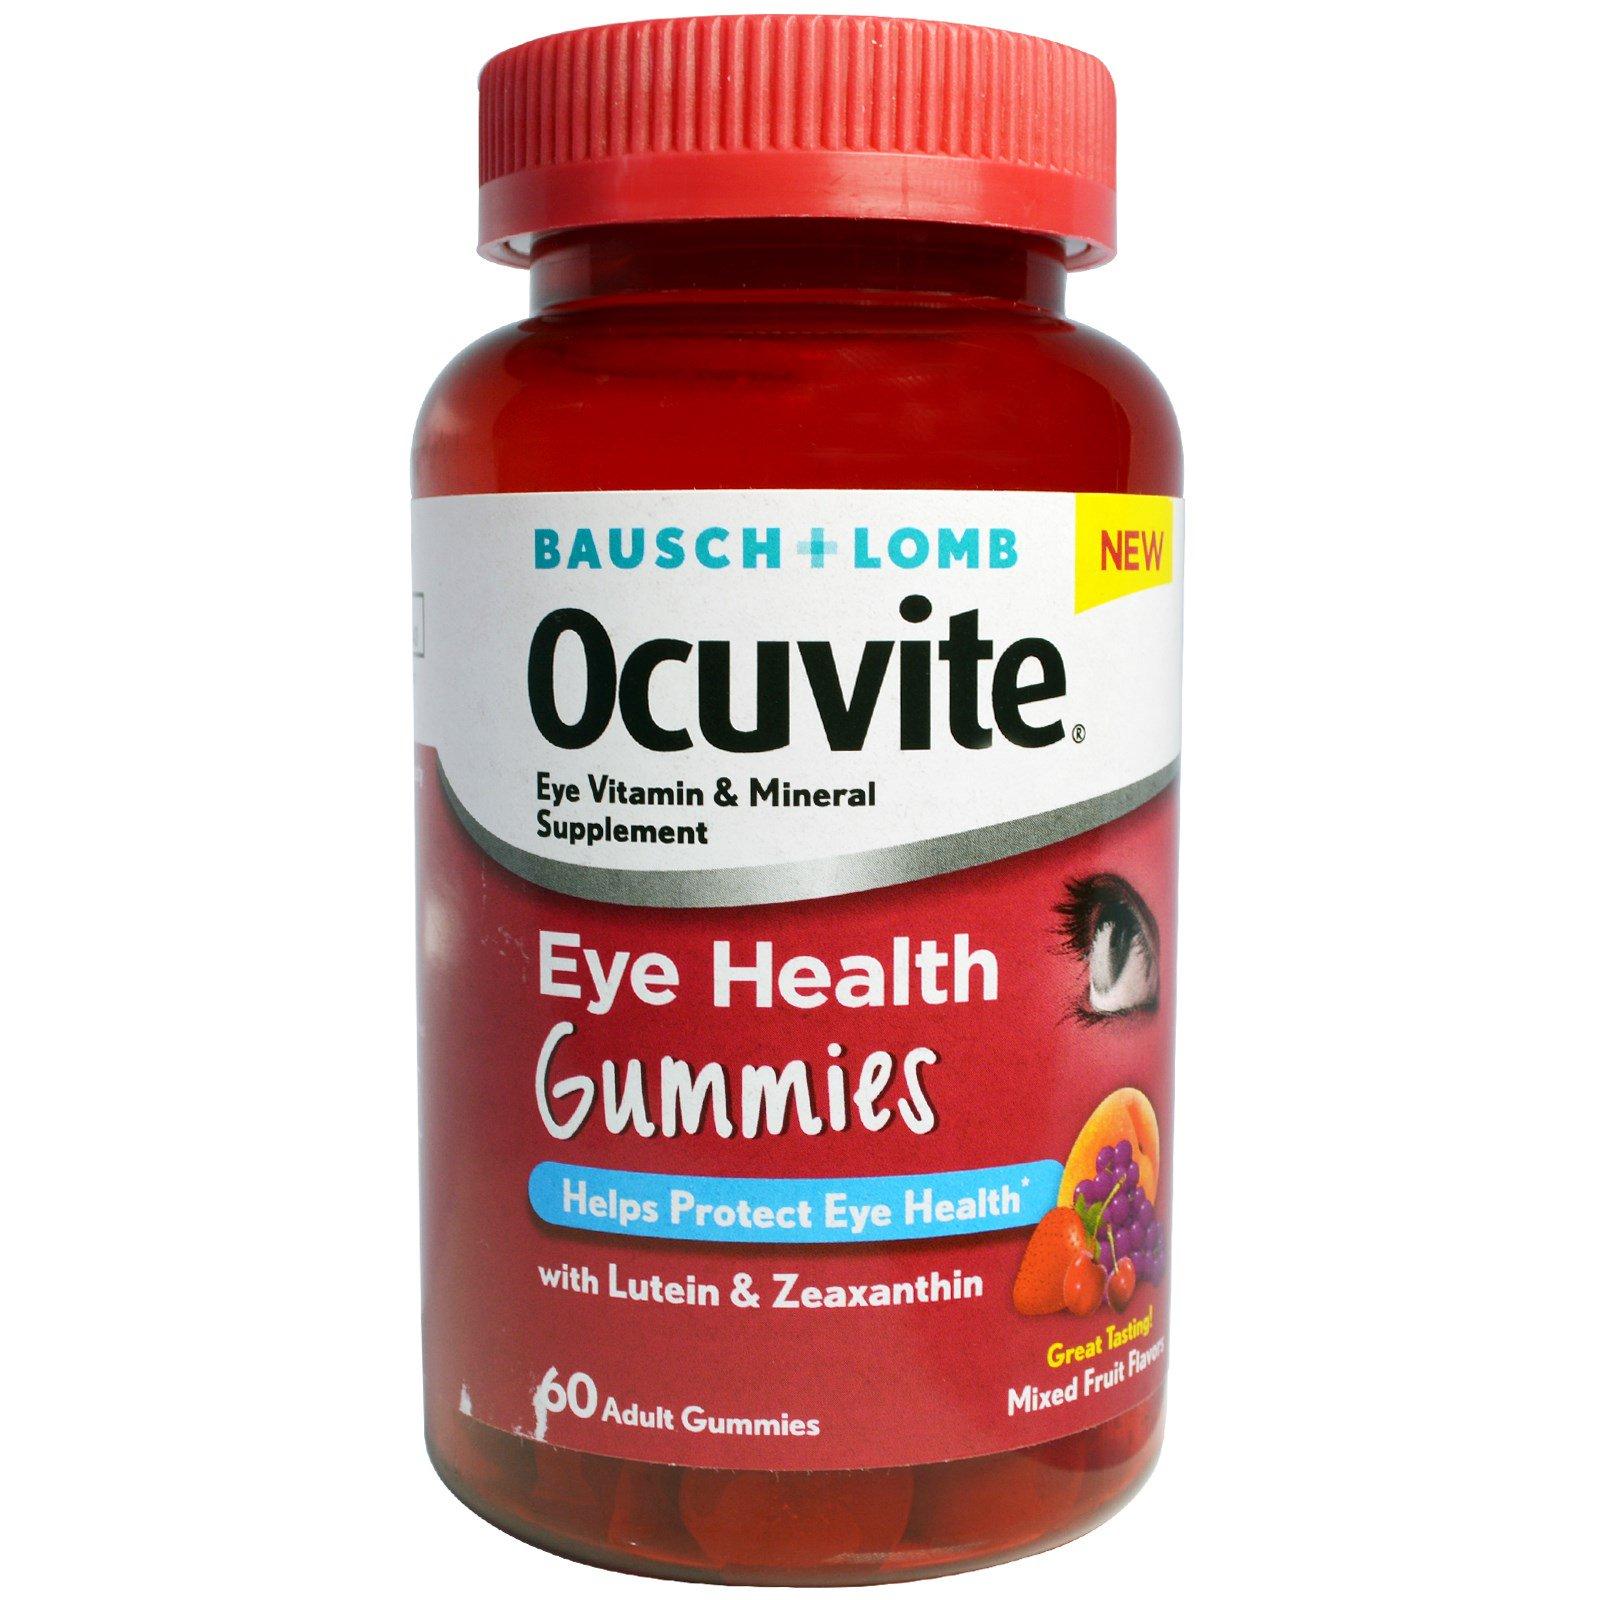 Bausch & Lomb Ocuvite, Желатиновые конфеты для здоровья глаз, смешанные фруктовые вкусы, 60 желатиновых конфет для взрослых